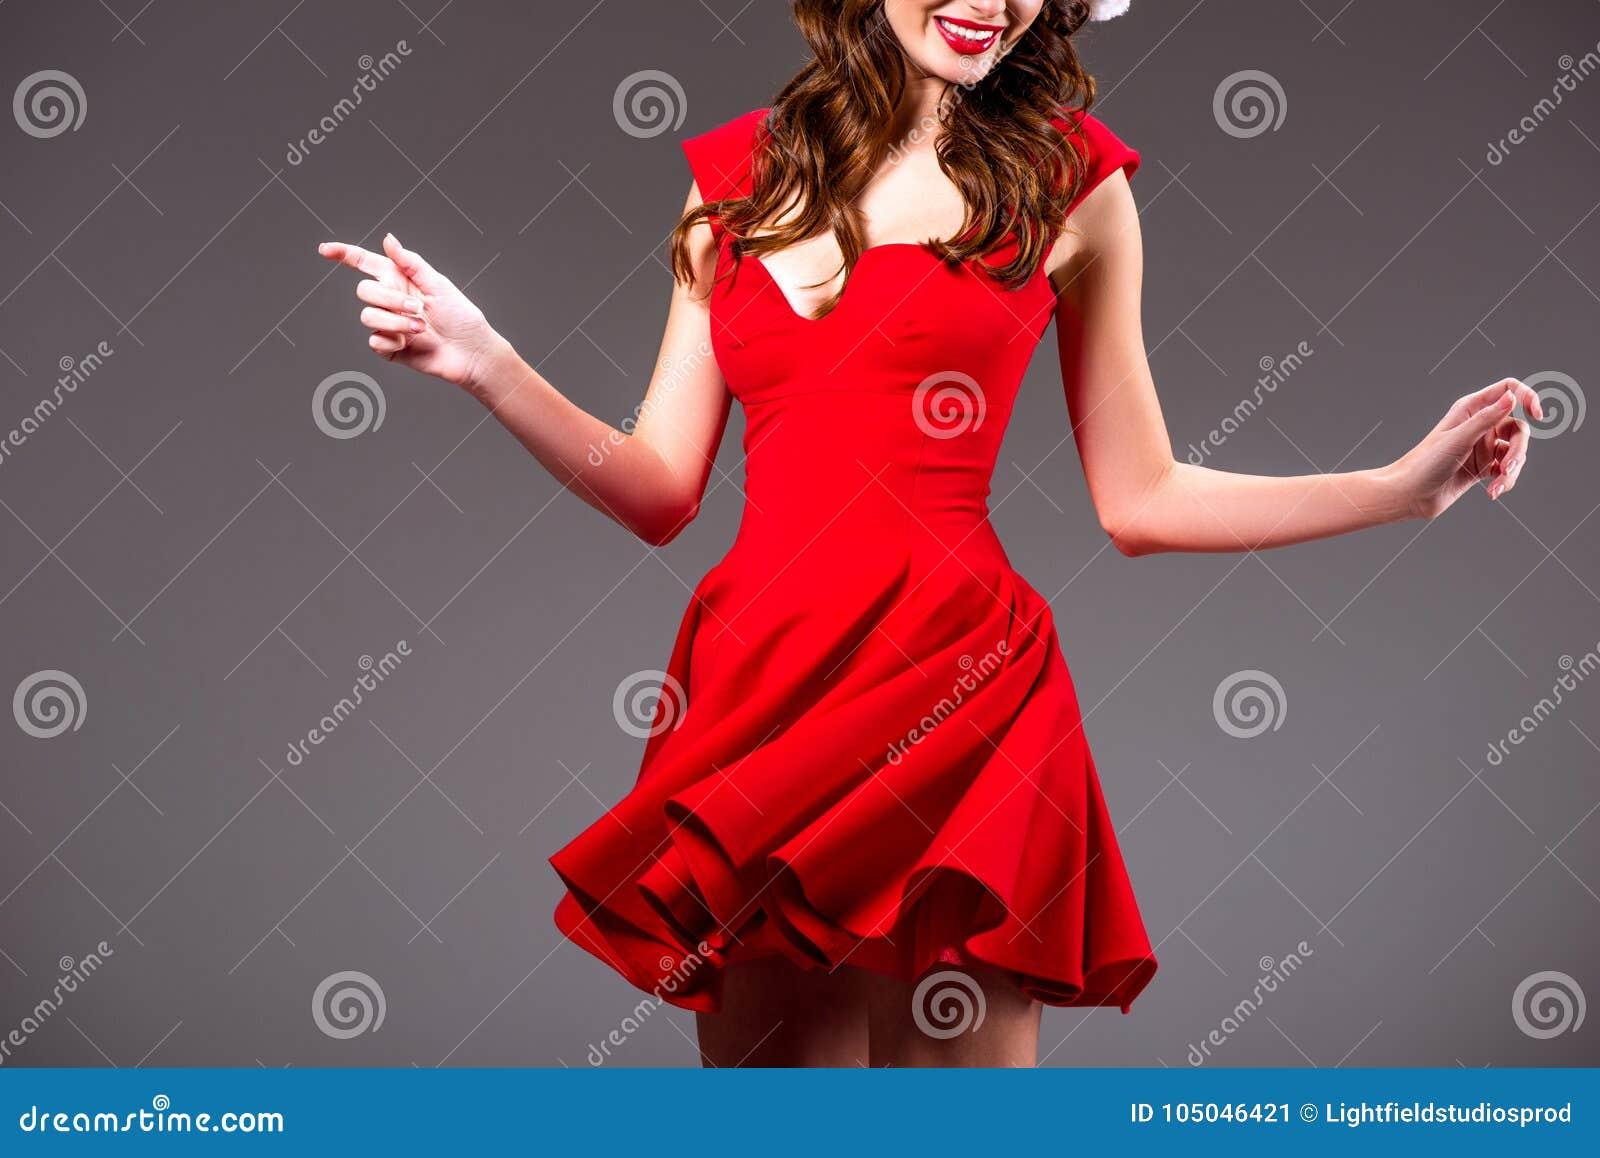 Гифка танцующая девушка в красном платье, надписью девочки